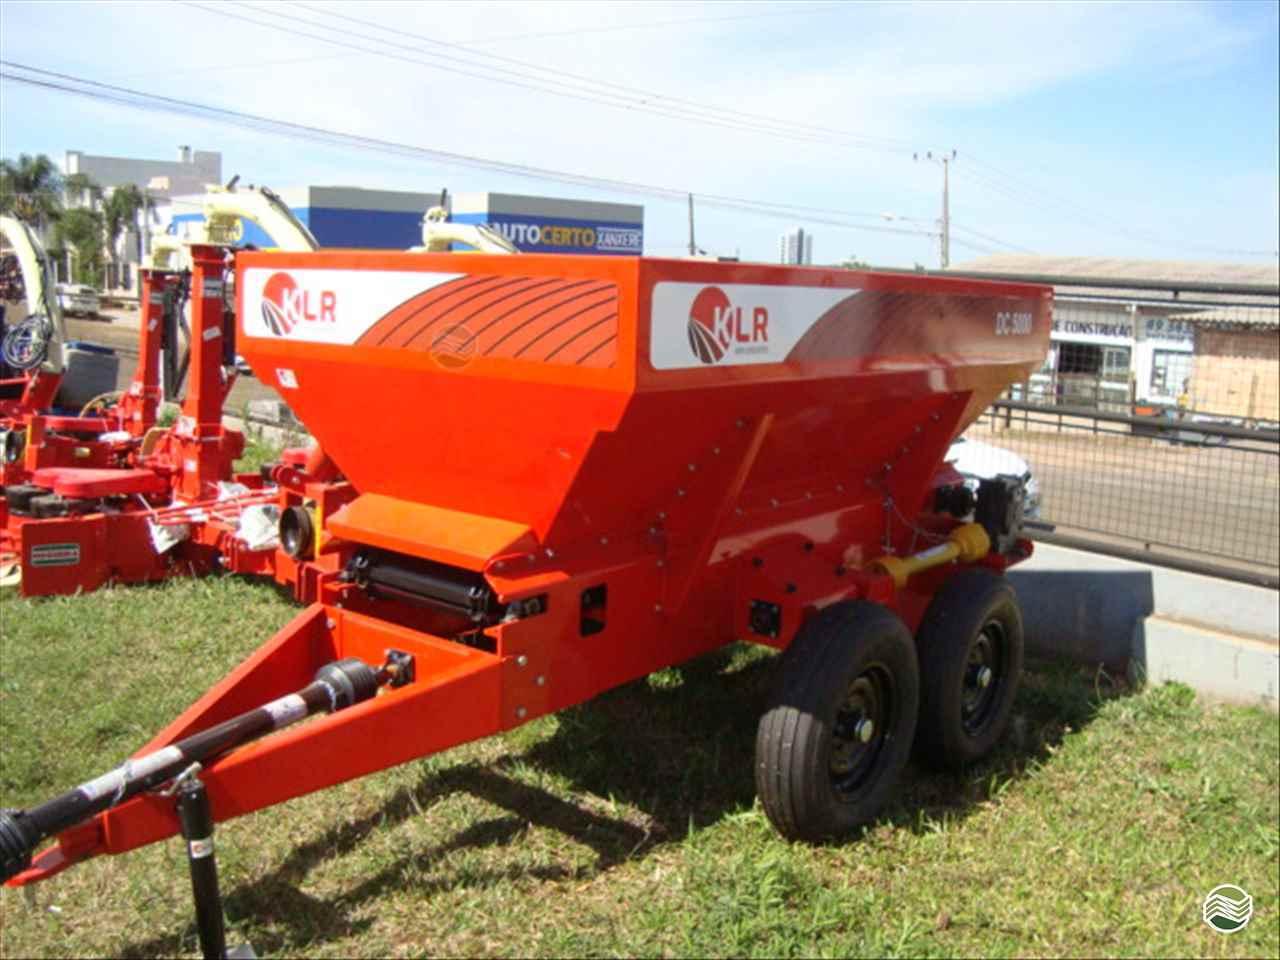 IMPLEMENTOS AGRICOLAS DISTRIBUIDOR CALCÁRIO 5000 Kg Tratordiesel - Landini XANXERE SANTA CATARINA SC